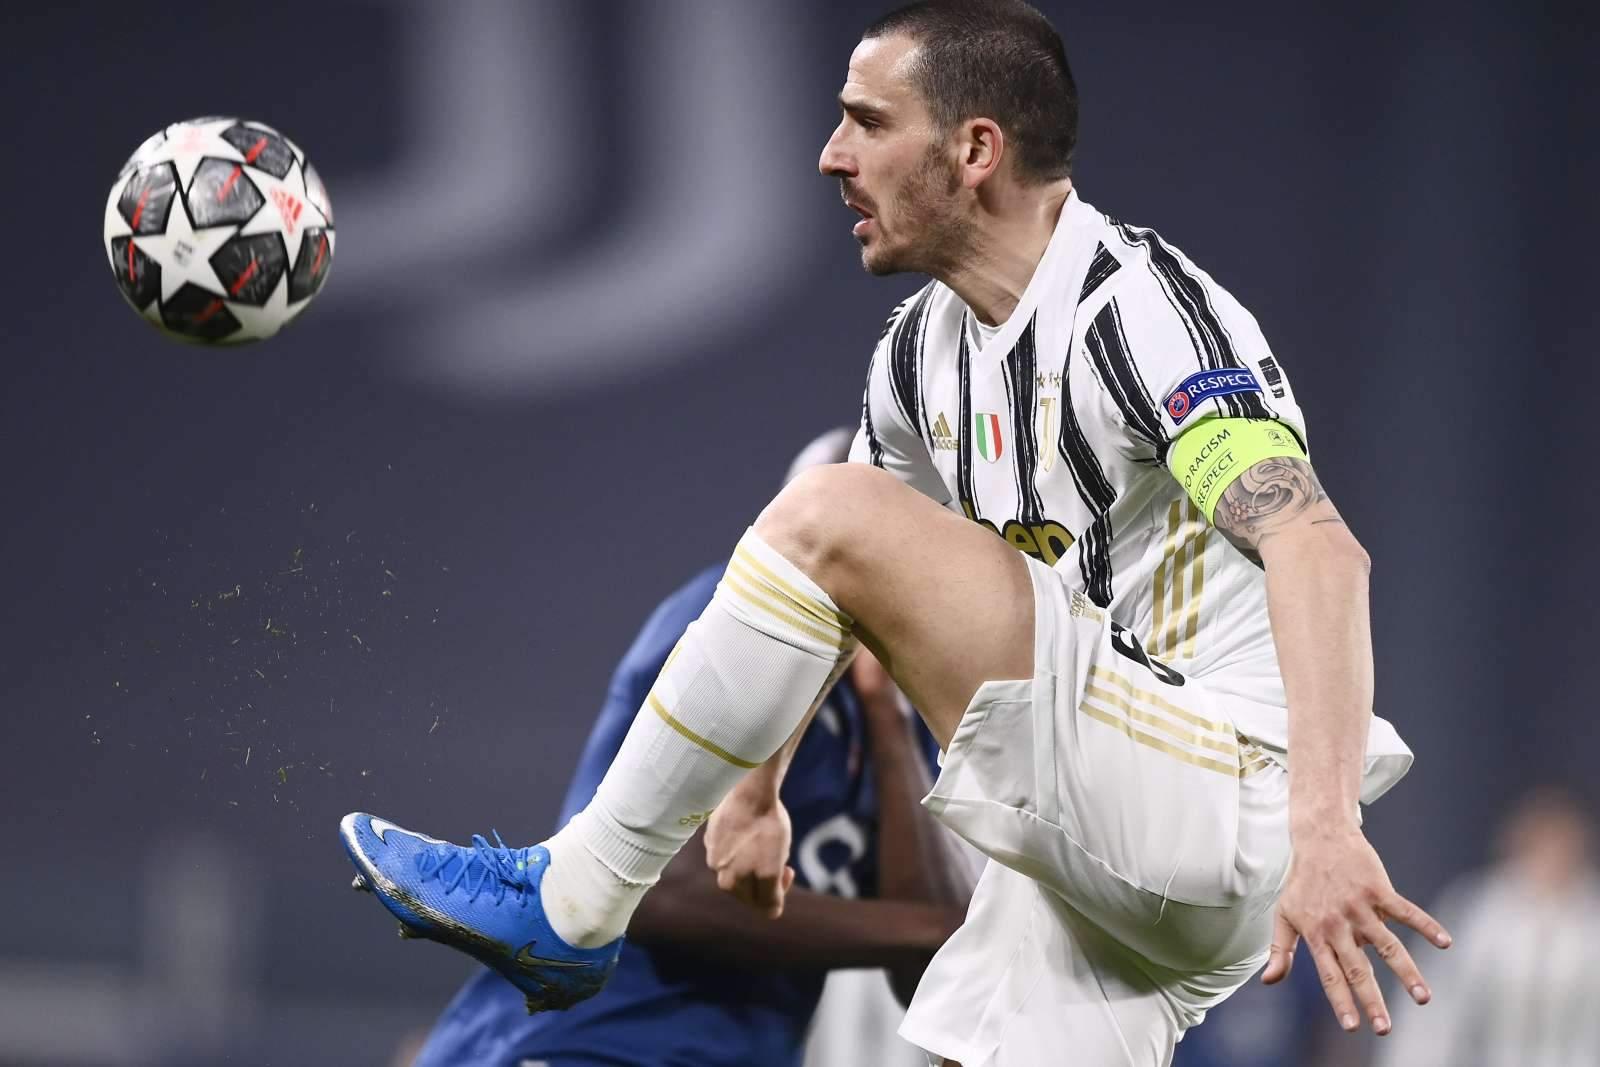 Бонуччи пропустит Кубок Италии